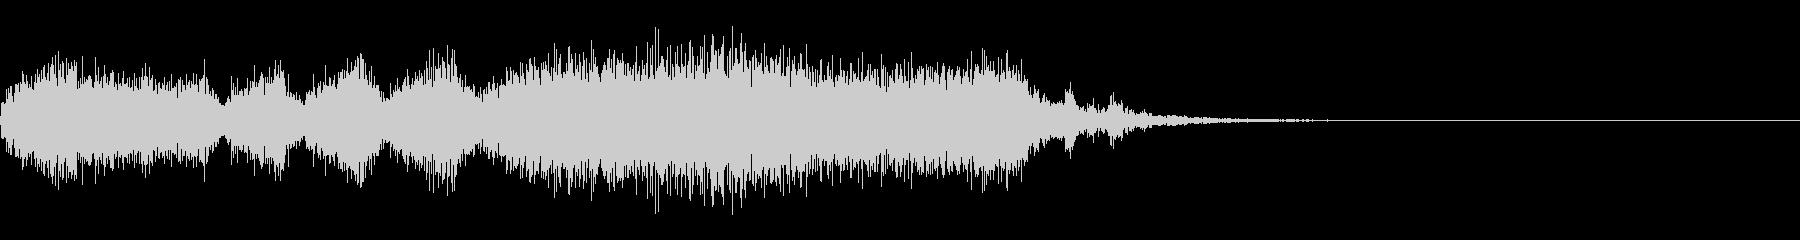 失敗のオーケストラ効果音の未再生の波形